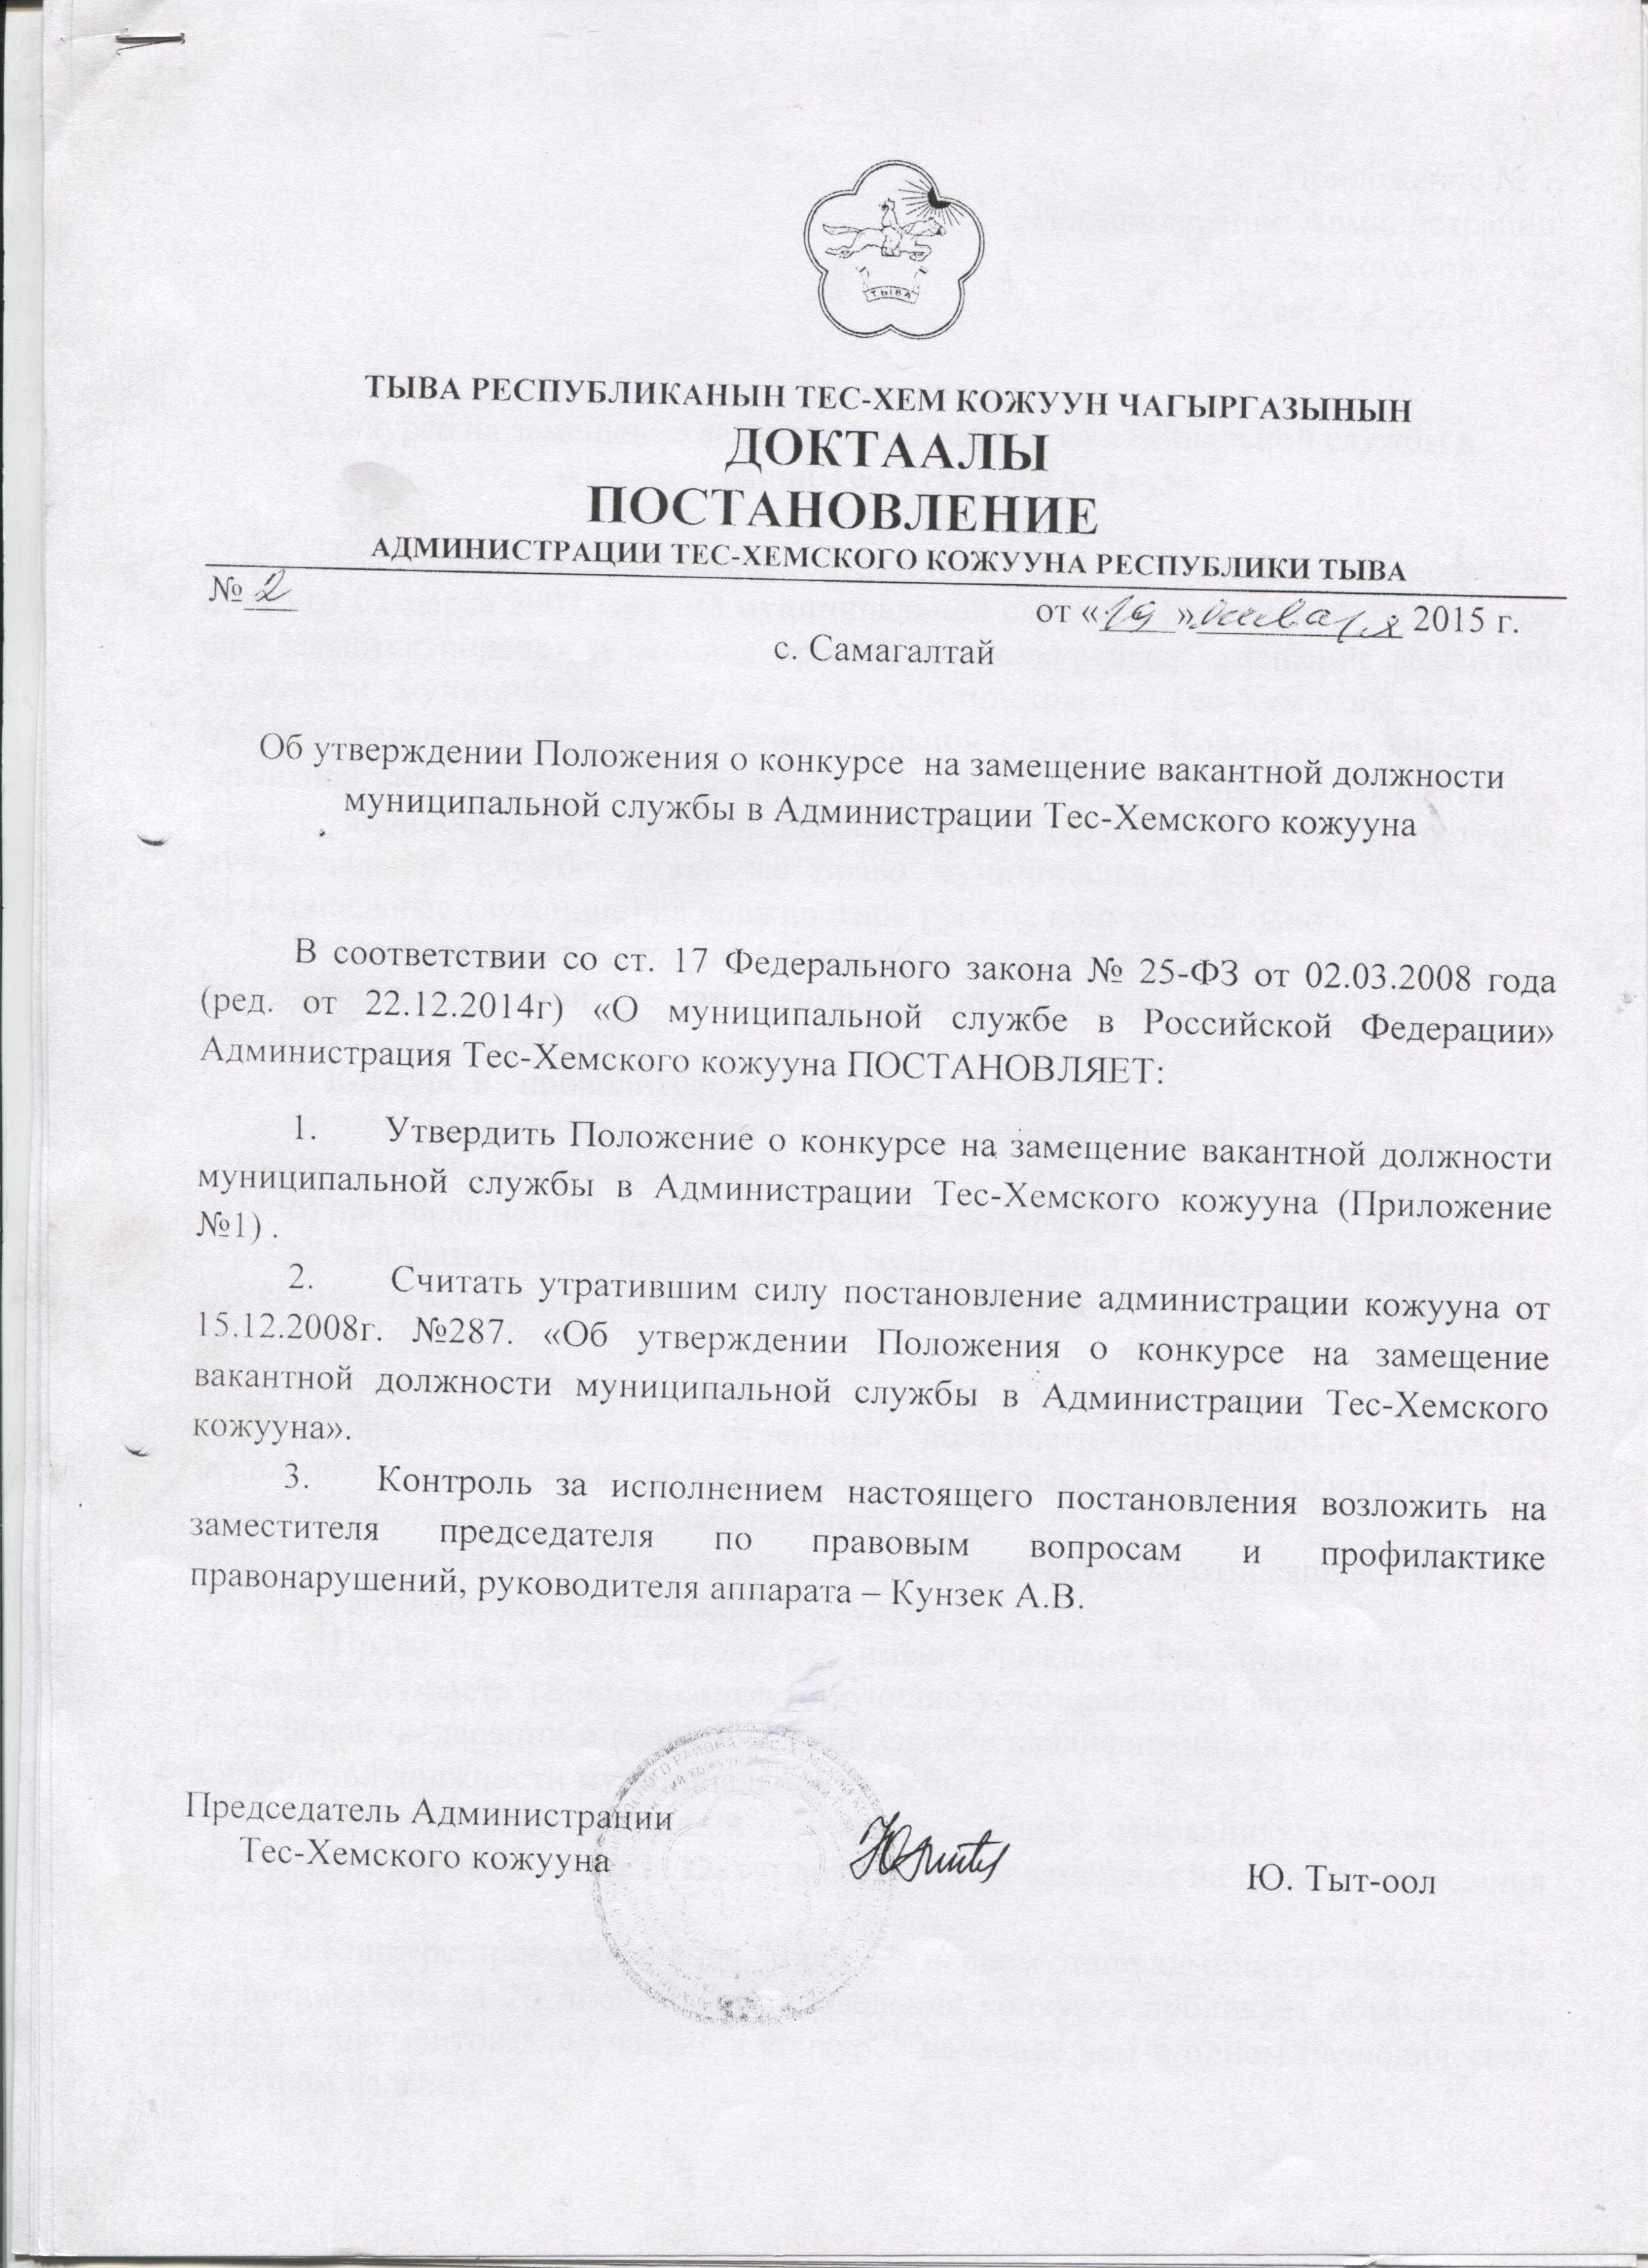 Закон о конкурсе на замещение вакантной должности муниципальной службы